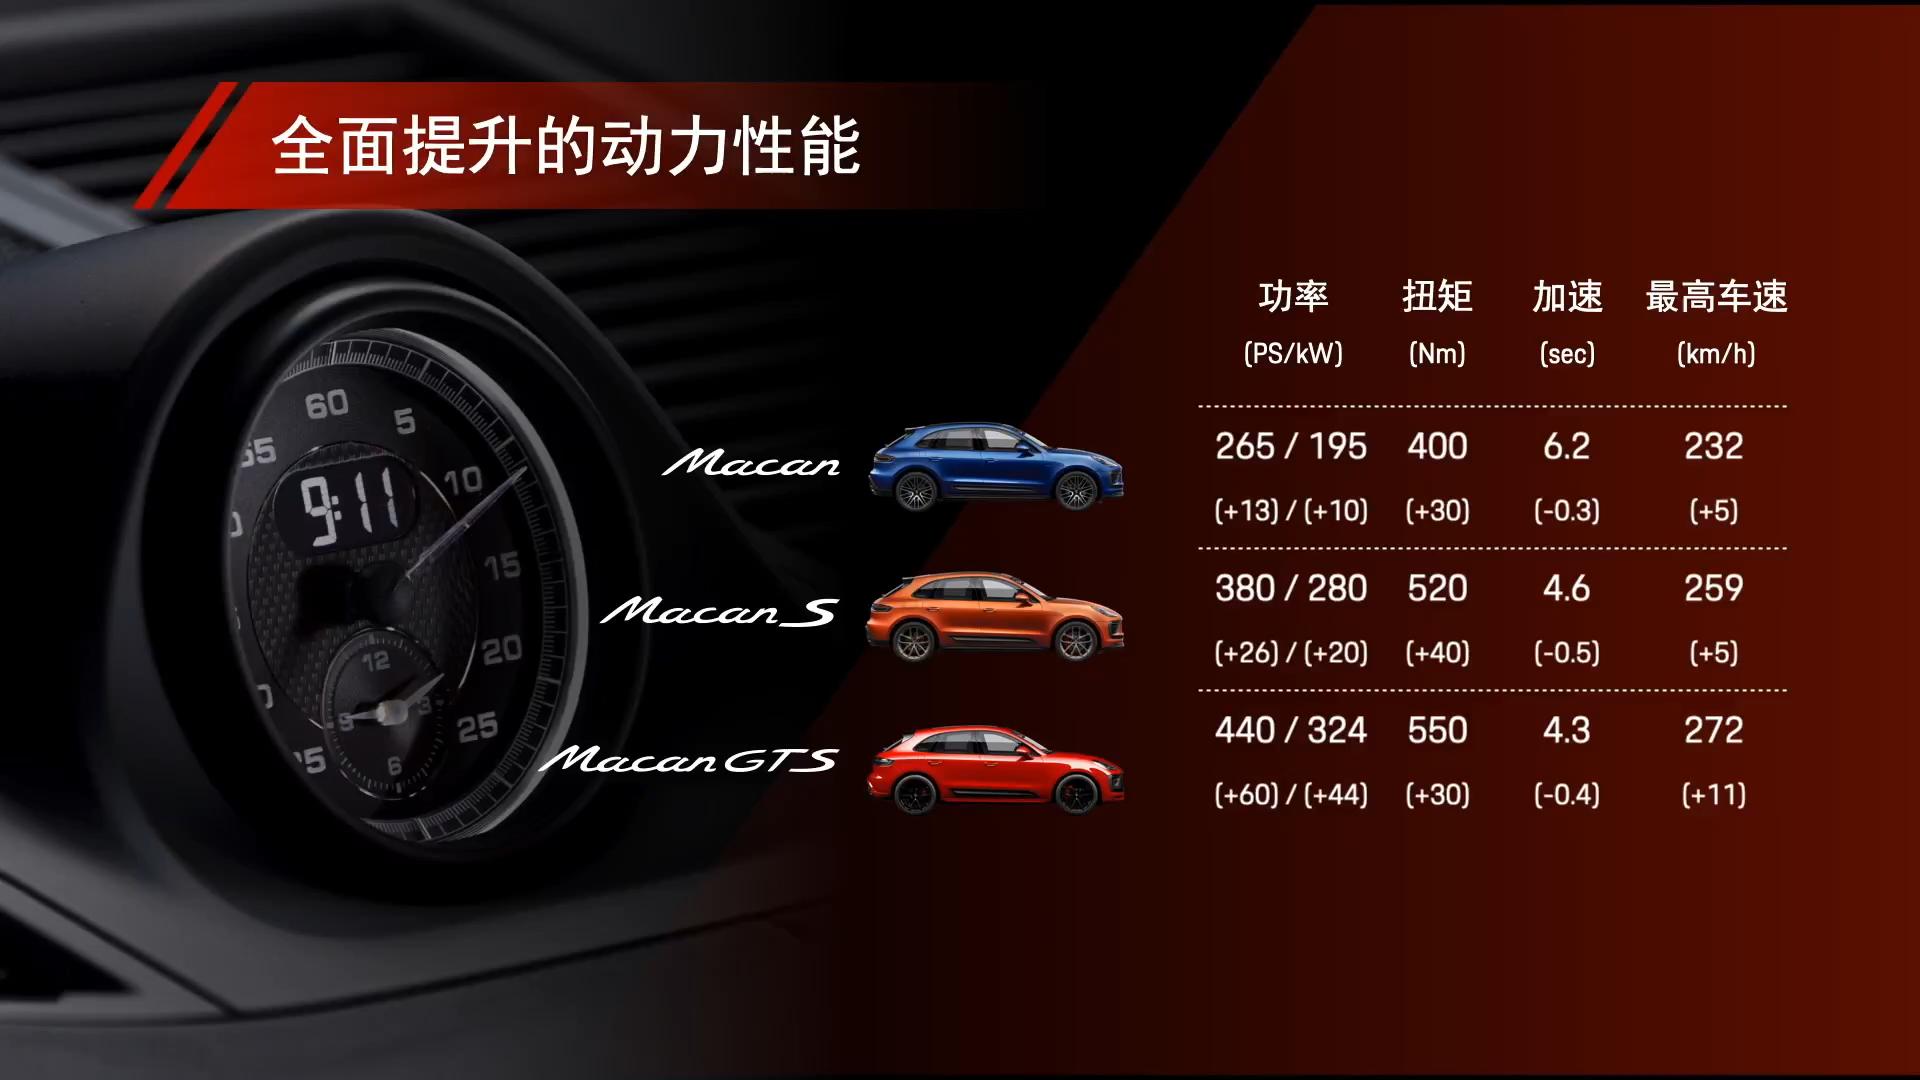 加量又加价,新款保时捷Macan售价公布55.4~84.8万元